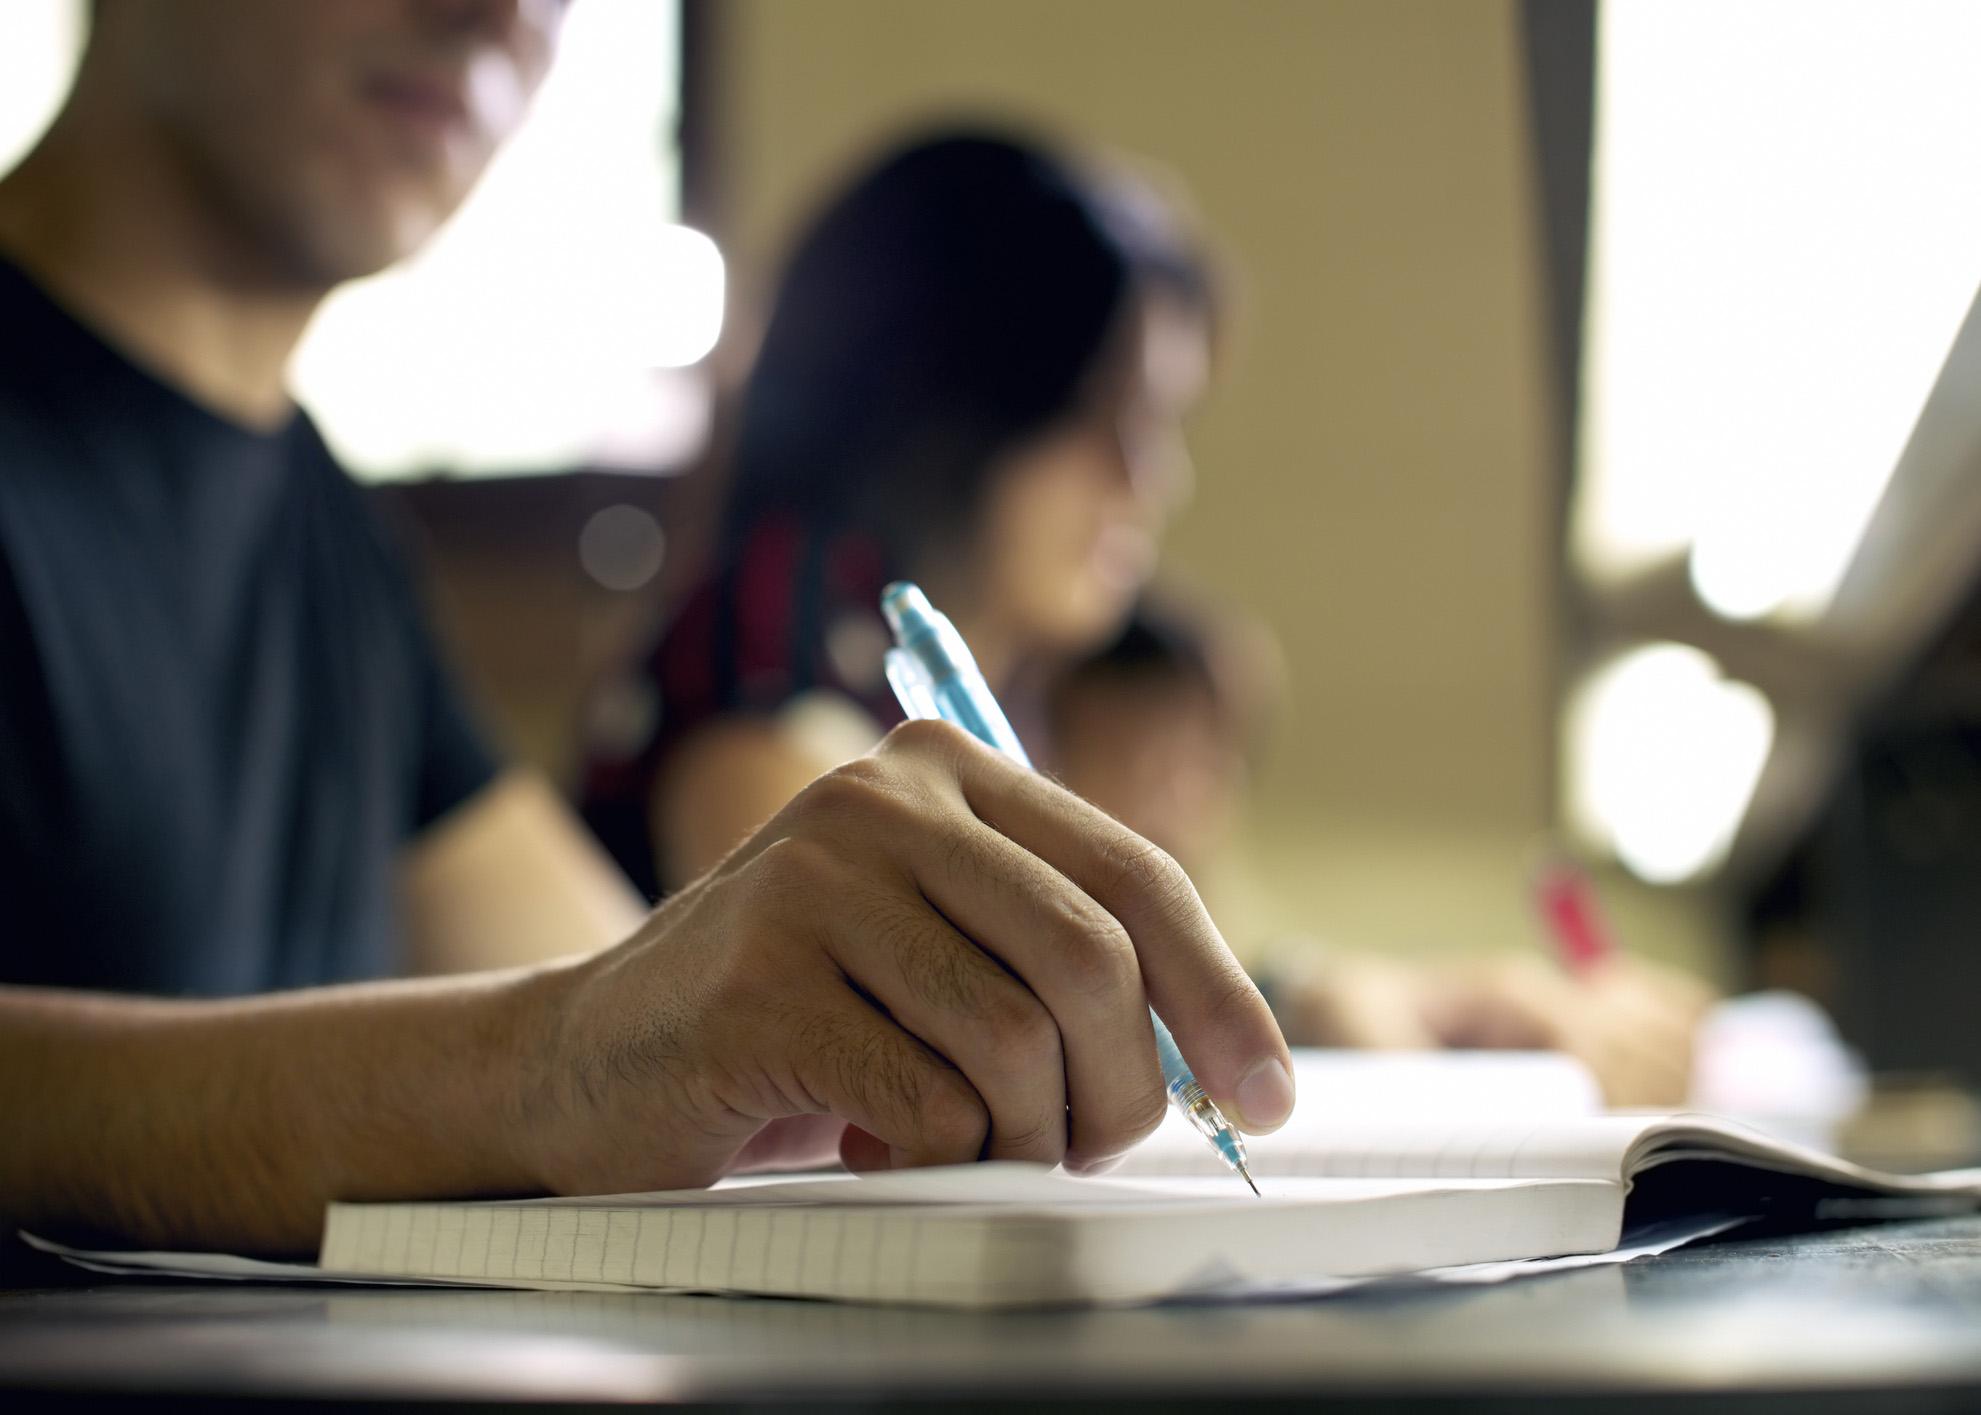 estudantes da universidade a escrever um trabalho